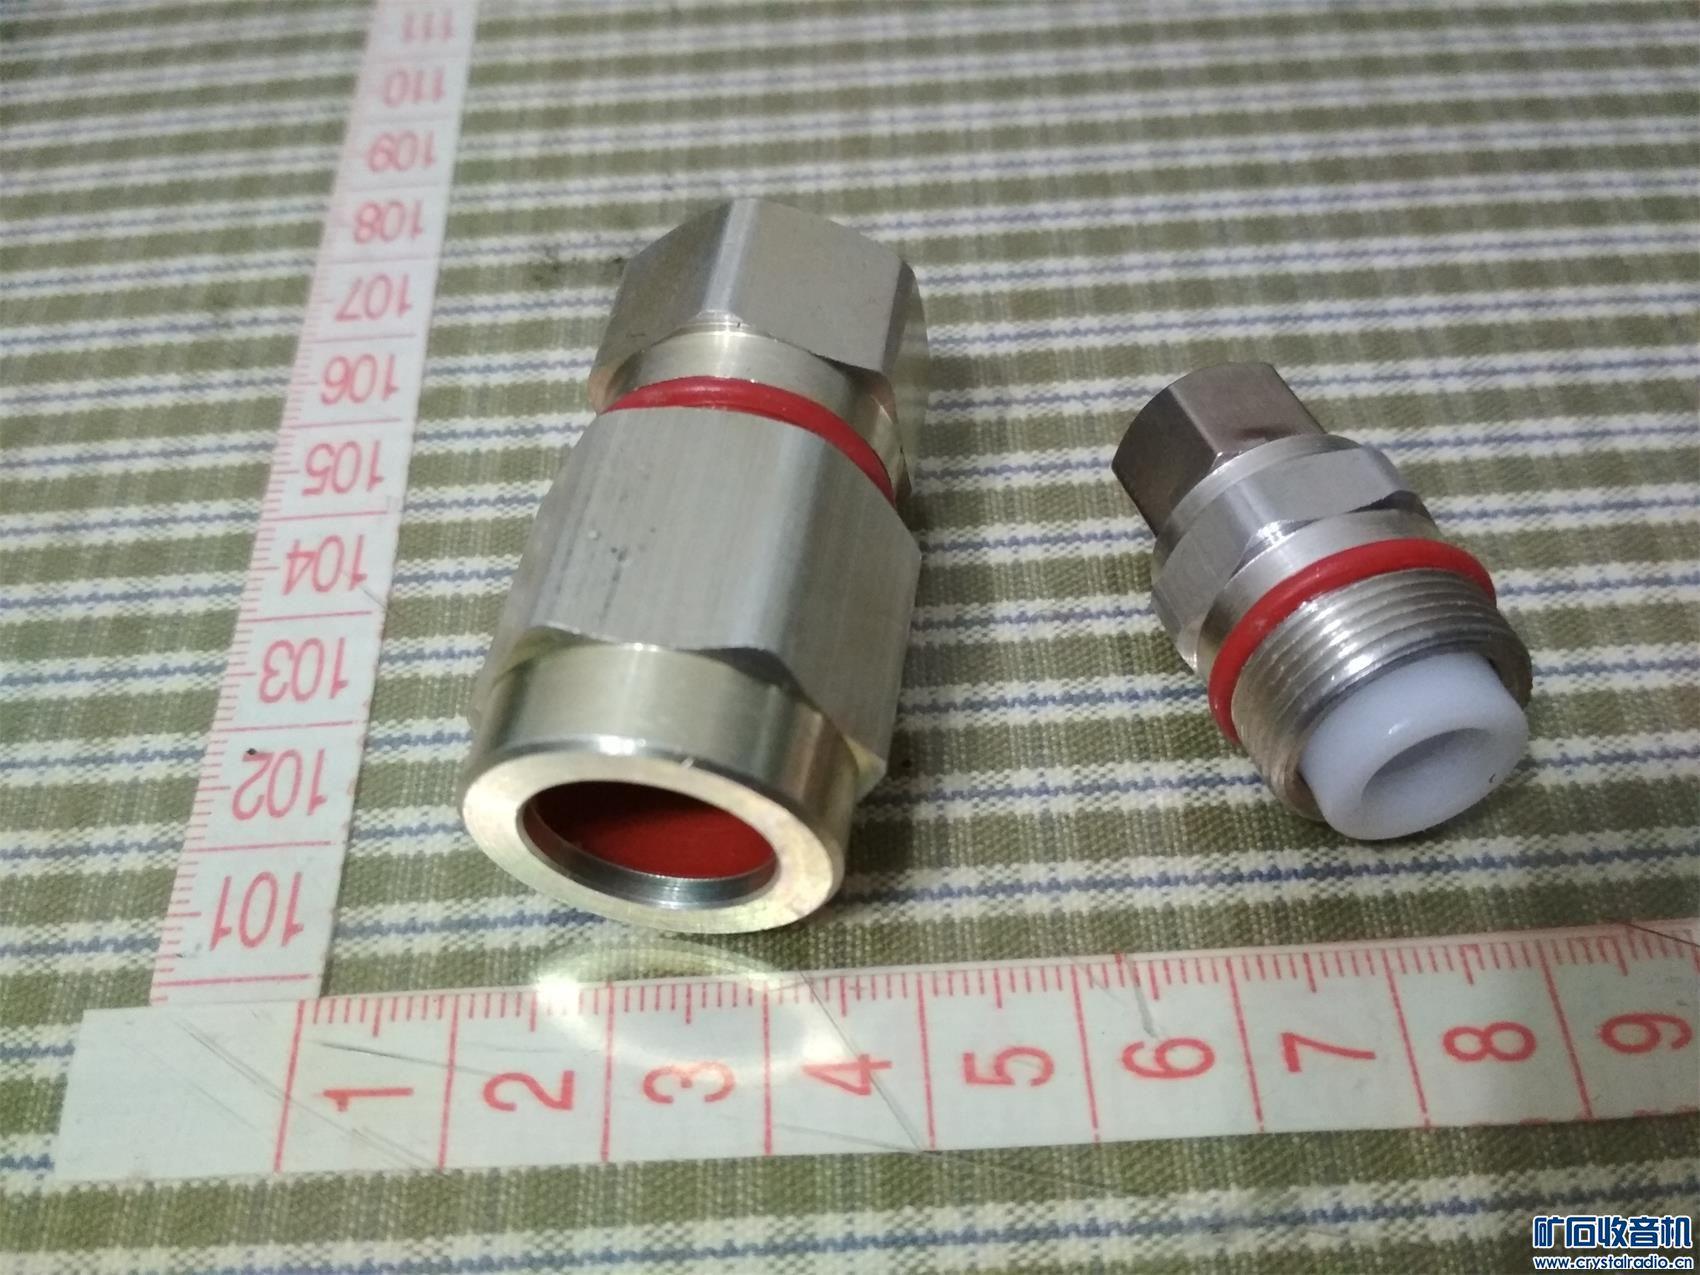 3899 号防水同轴电缆接头每个2元(3).jpg